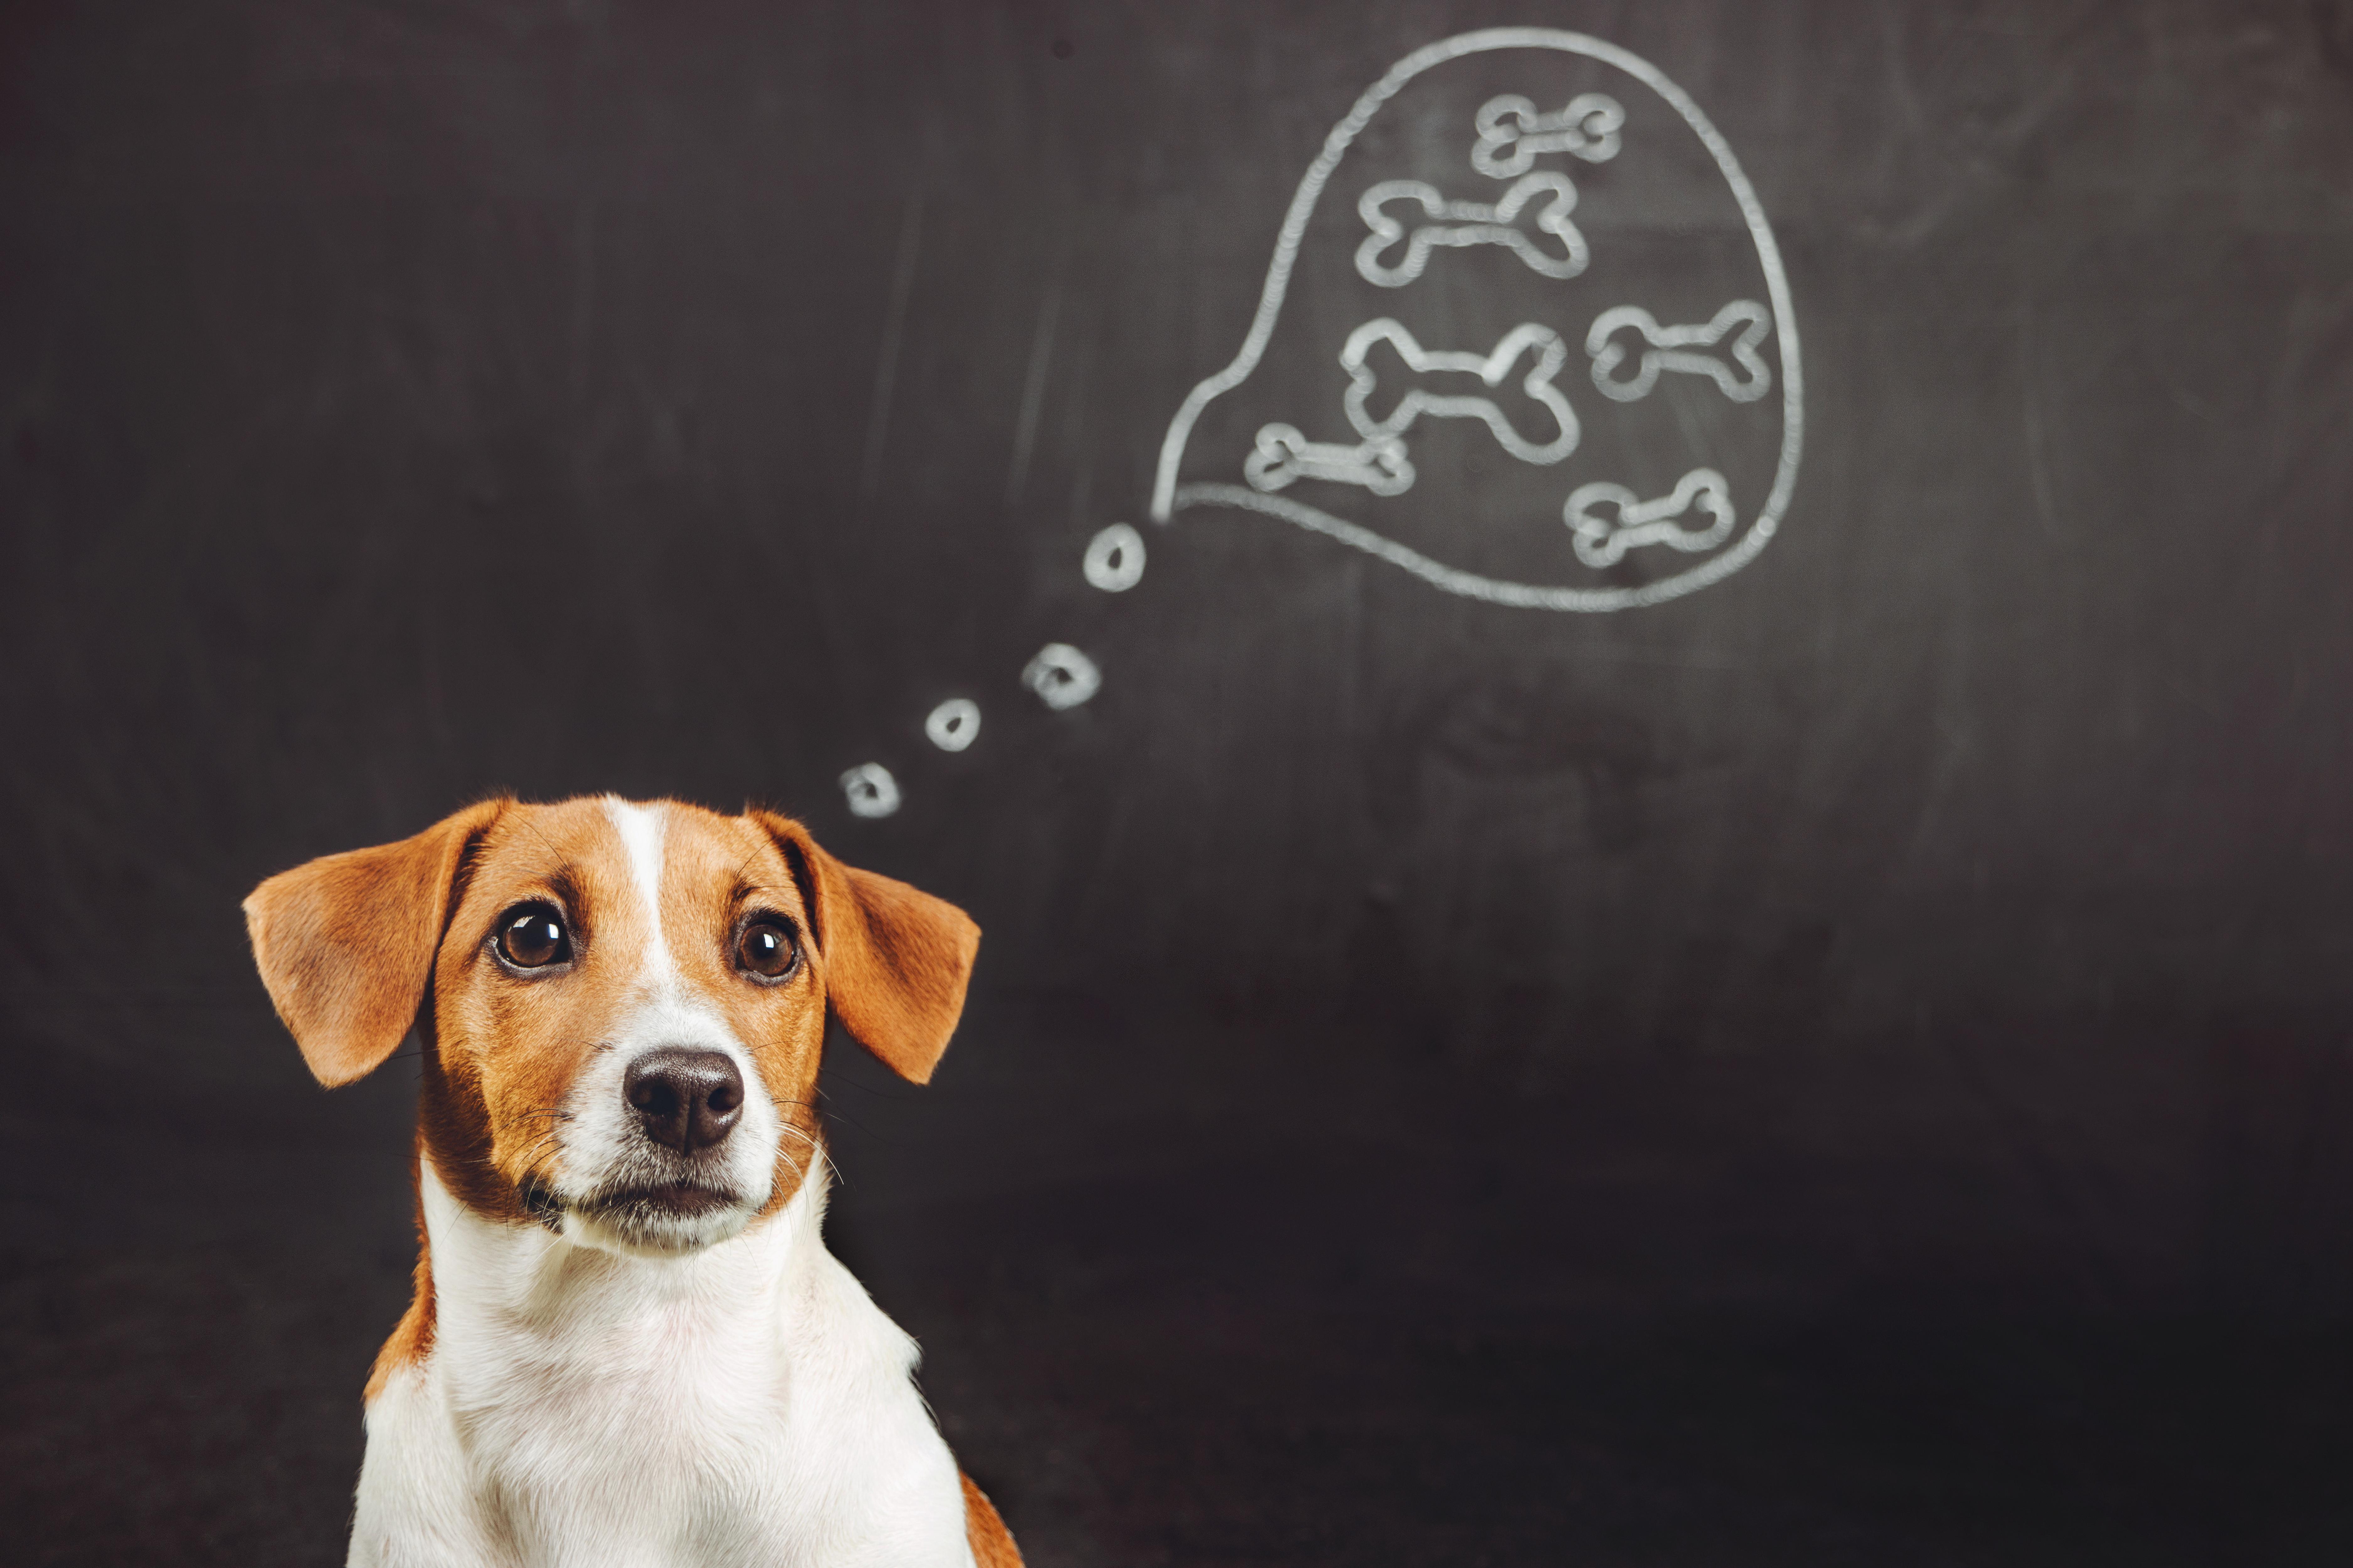 ▲▼示意圖,寵物,動物,狗,貓,萌寵,鮮食,飼料,可愛。(圖/123rf)